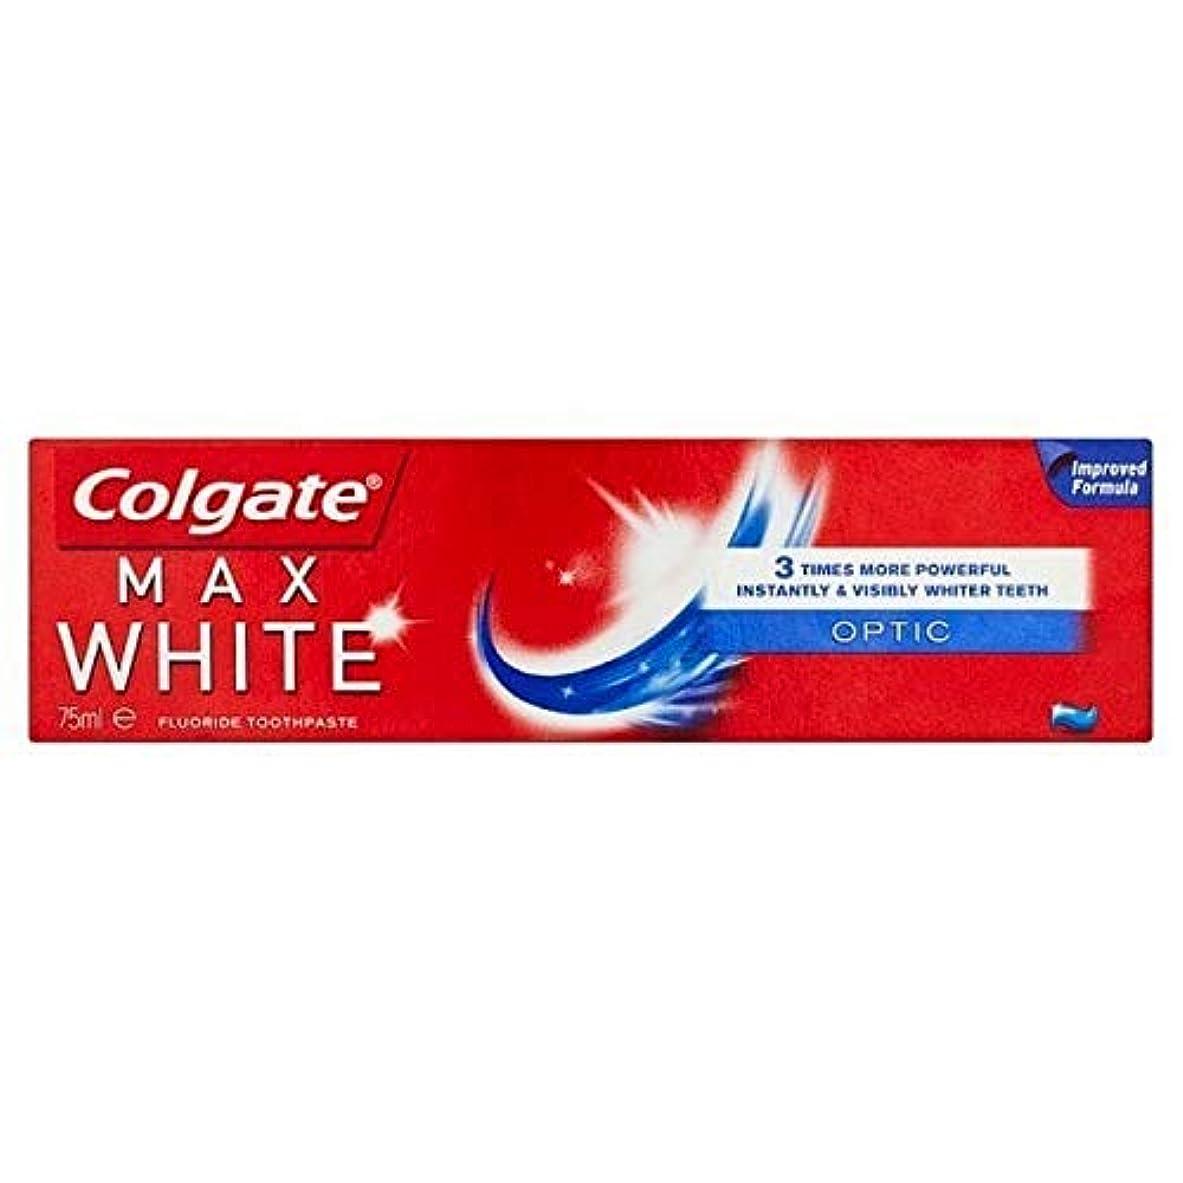 プロフィール無視プラス[Colgate ] コルゲート最大白い光ホワイトニング歯磨き粉75ミリリットル - Colgate Max White Optic Whitening Toothpaste 75ml [並行輸入品]